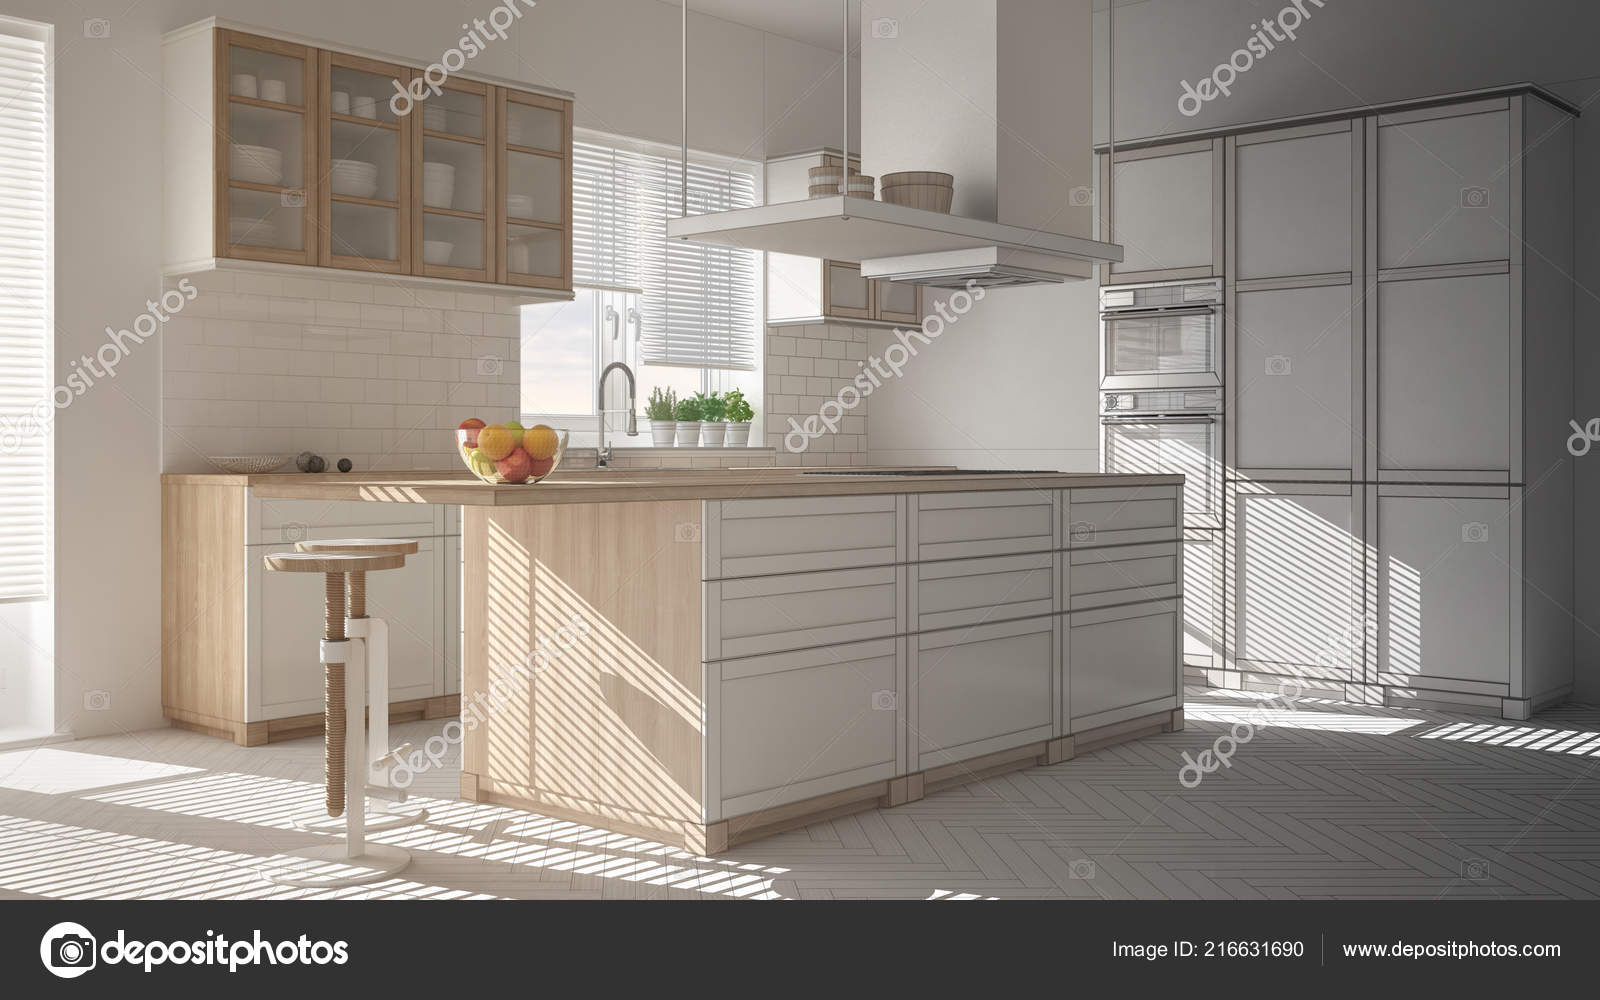 Progetto incompiuto cucina moderna legno bianco con isola sgabelli